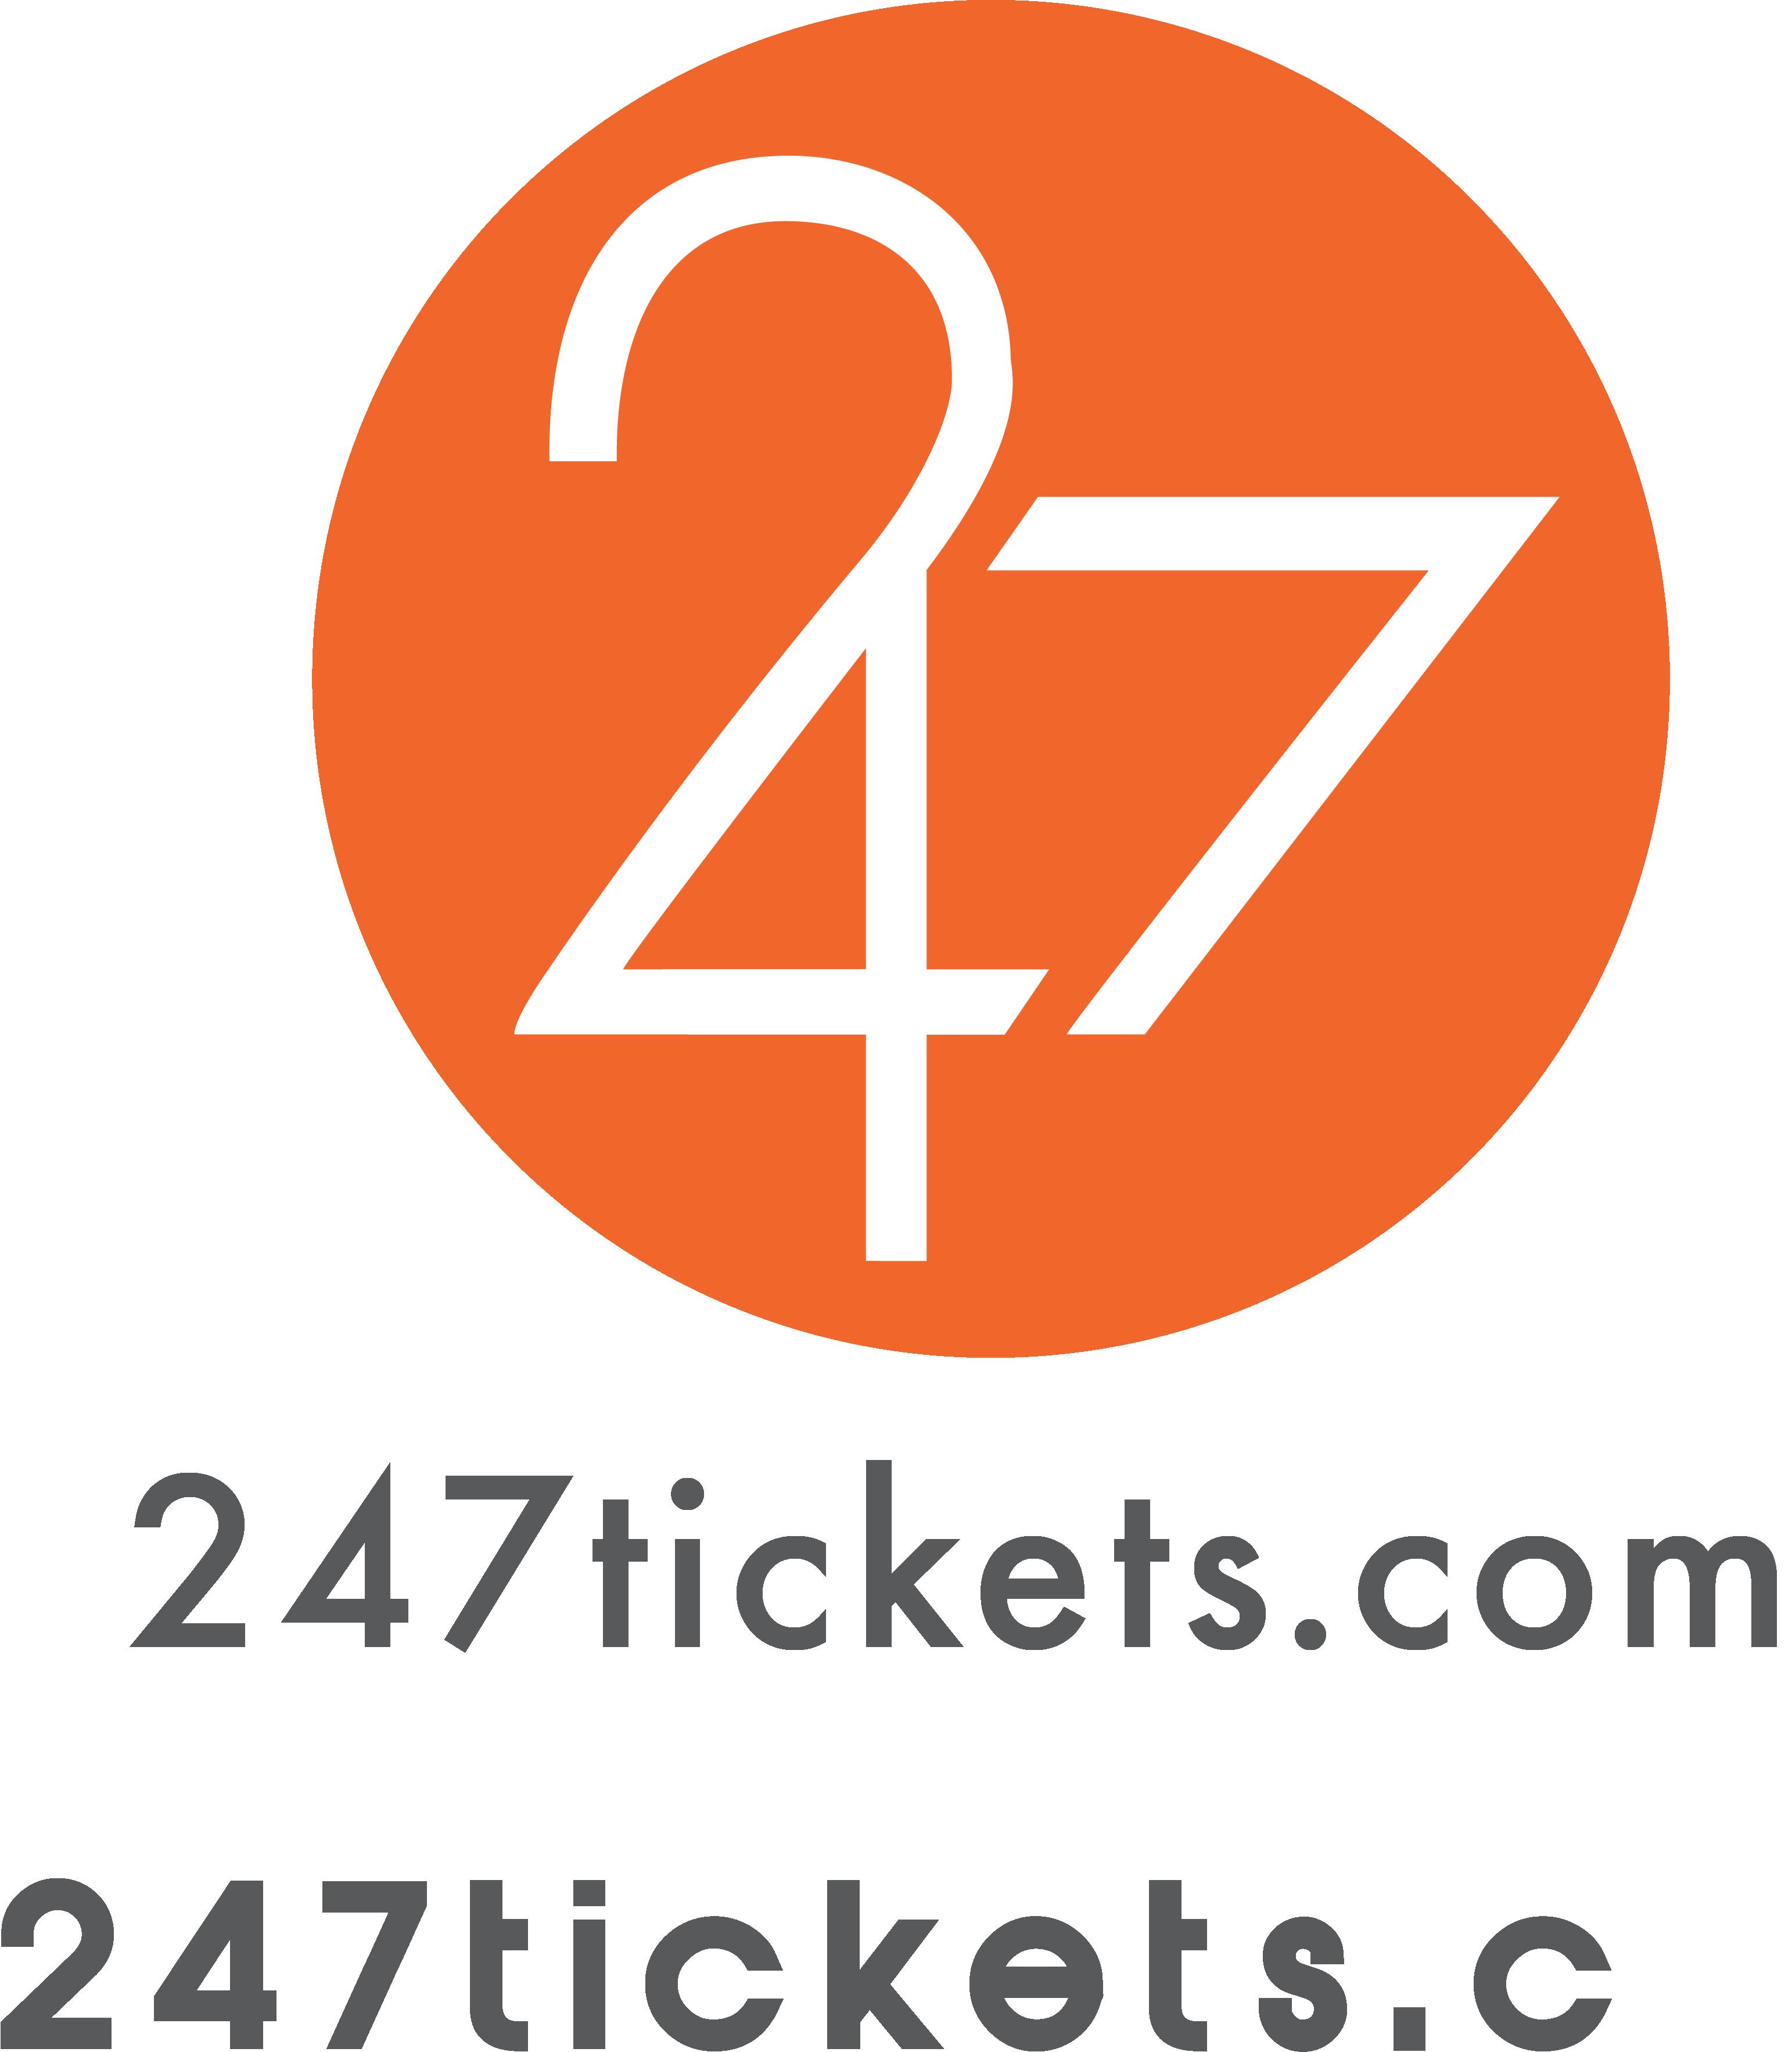 247tickets